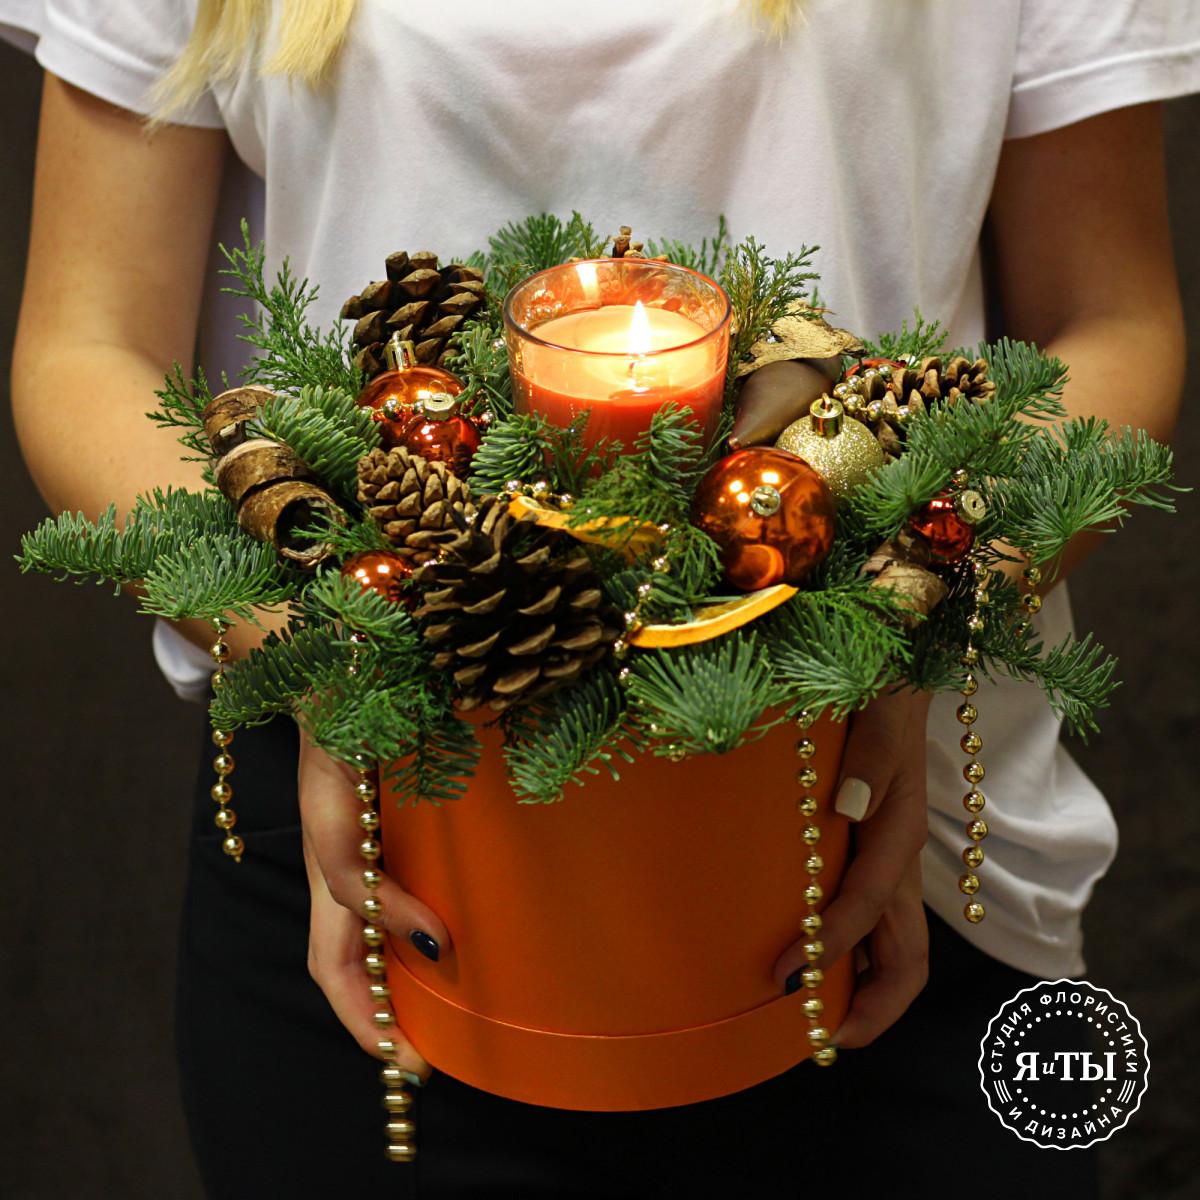 Оранжево-золотая композиция со свечой